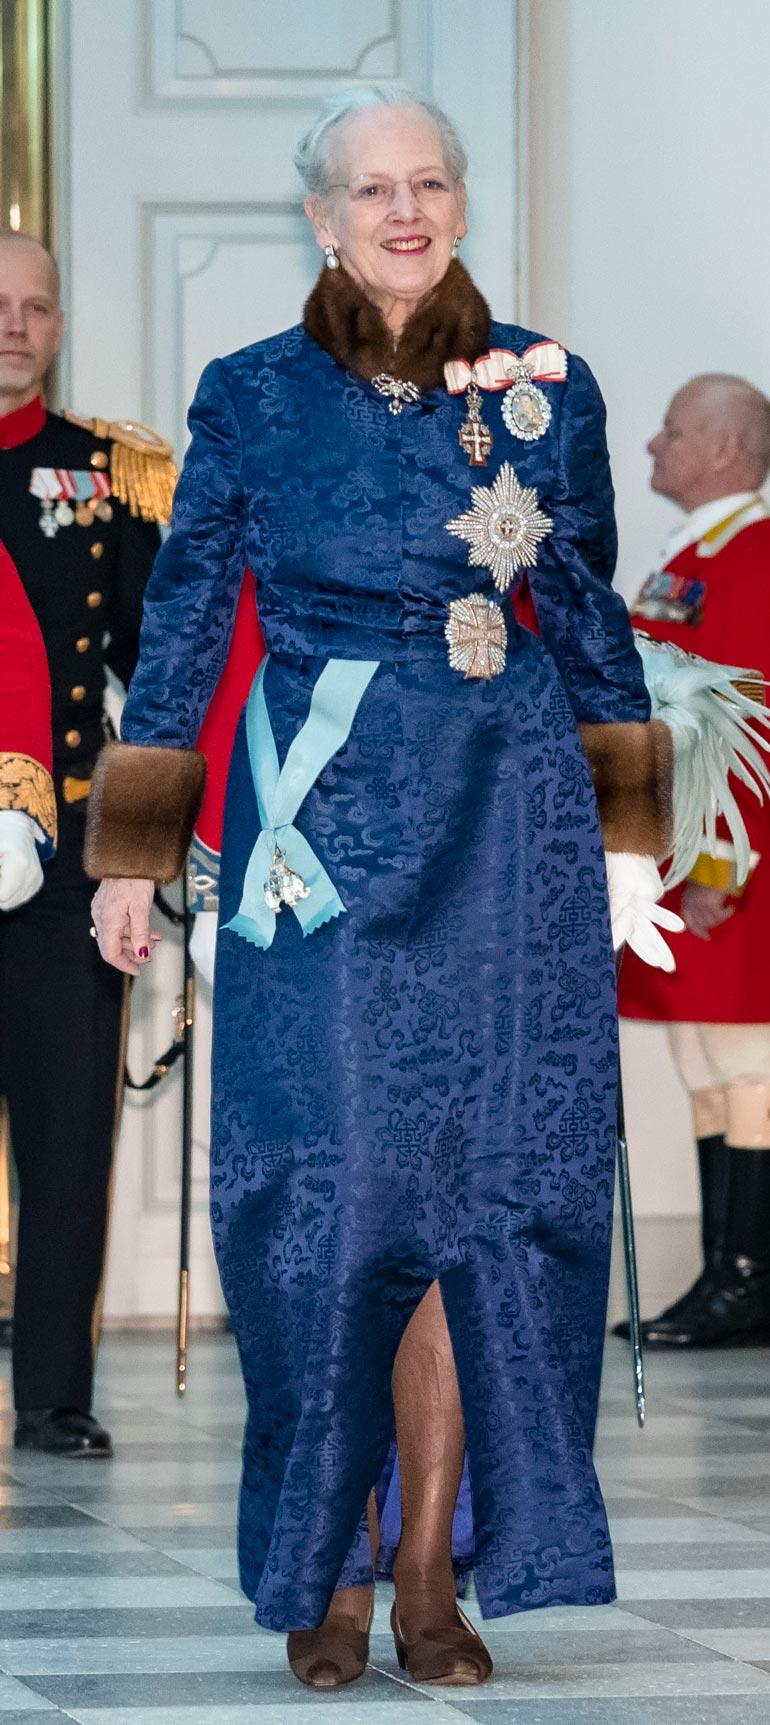 Kuninkaallisilla riittää tänä vuonna kiirettä ehtiä kaikille syntymäpäiväkutsuille ympäri Eurooppaa. Tanskan kuningatar Margareeta täyttää 16. huhtikuuta täydet 80 vuotta, ja vain päivää aiemmin Belgian kuningas Philippe juhlii kuusikymppisiään.